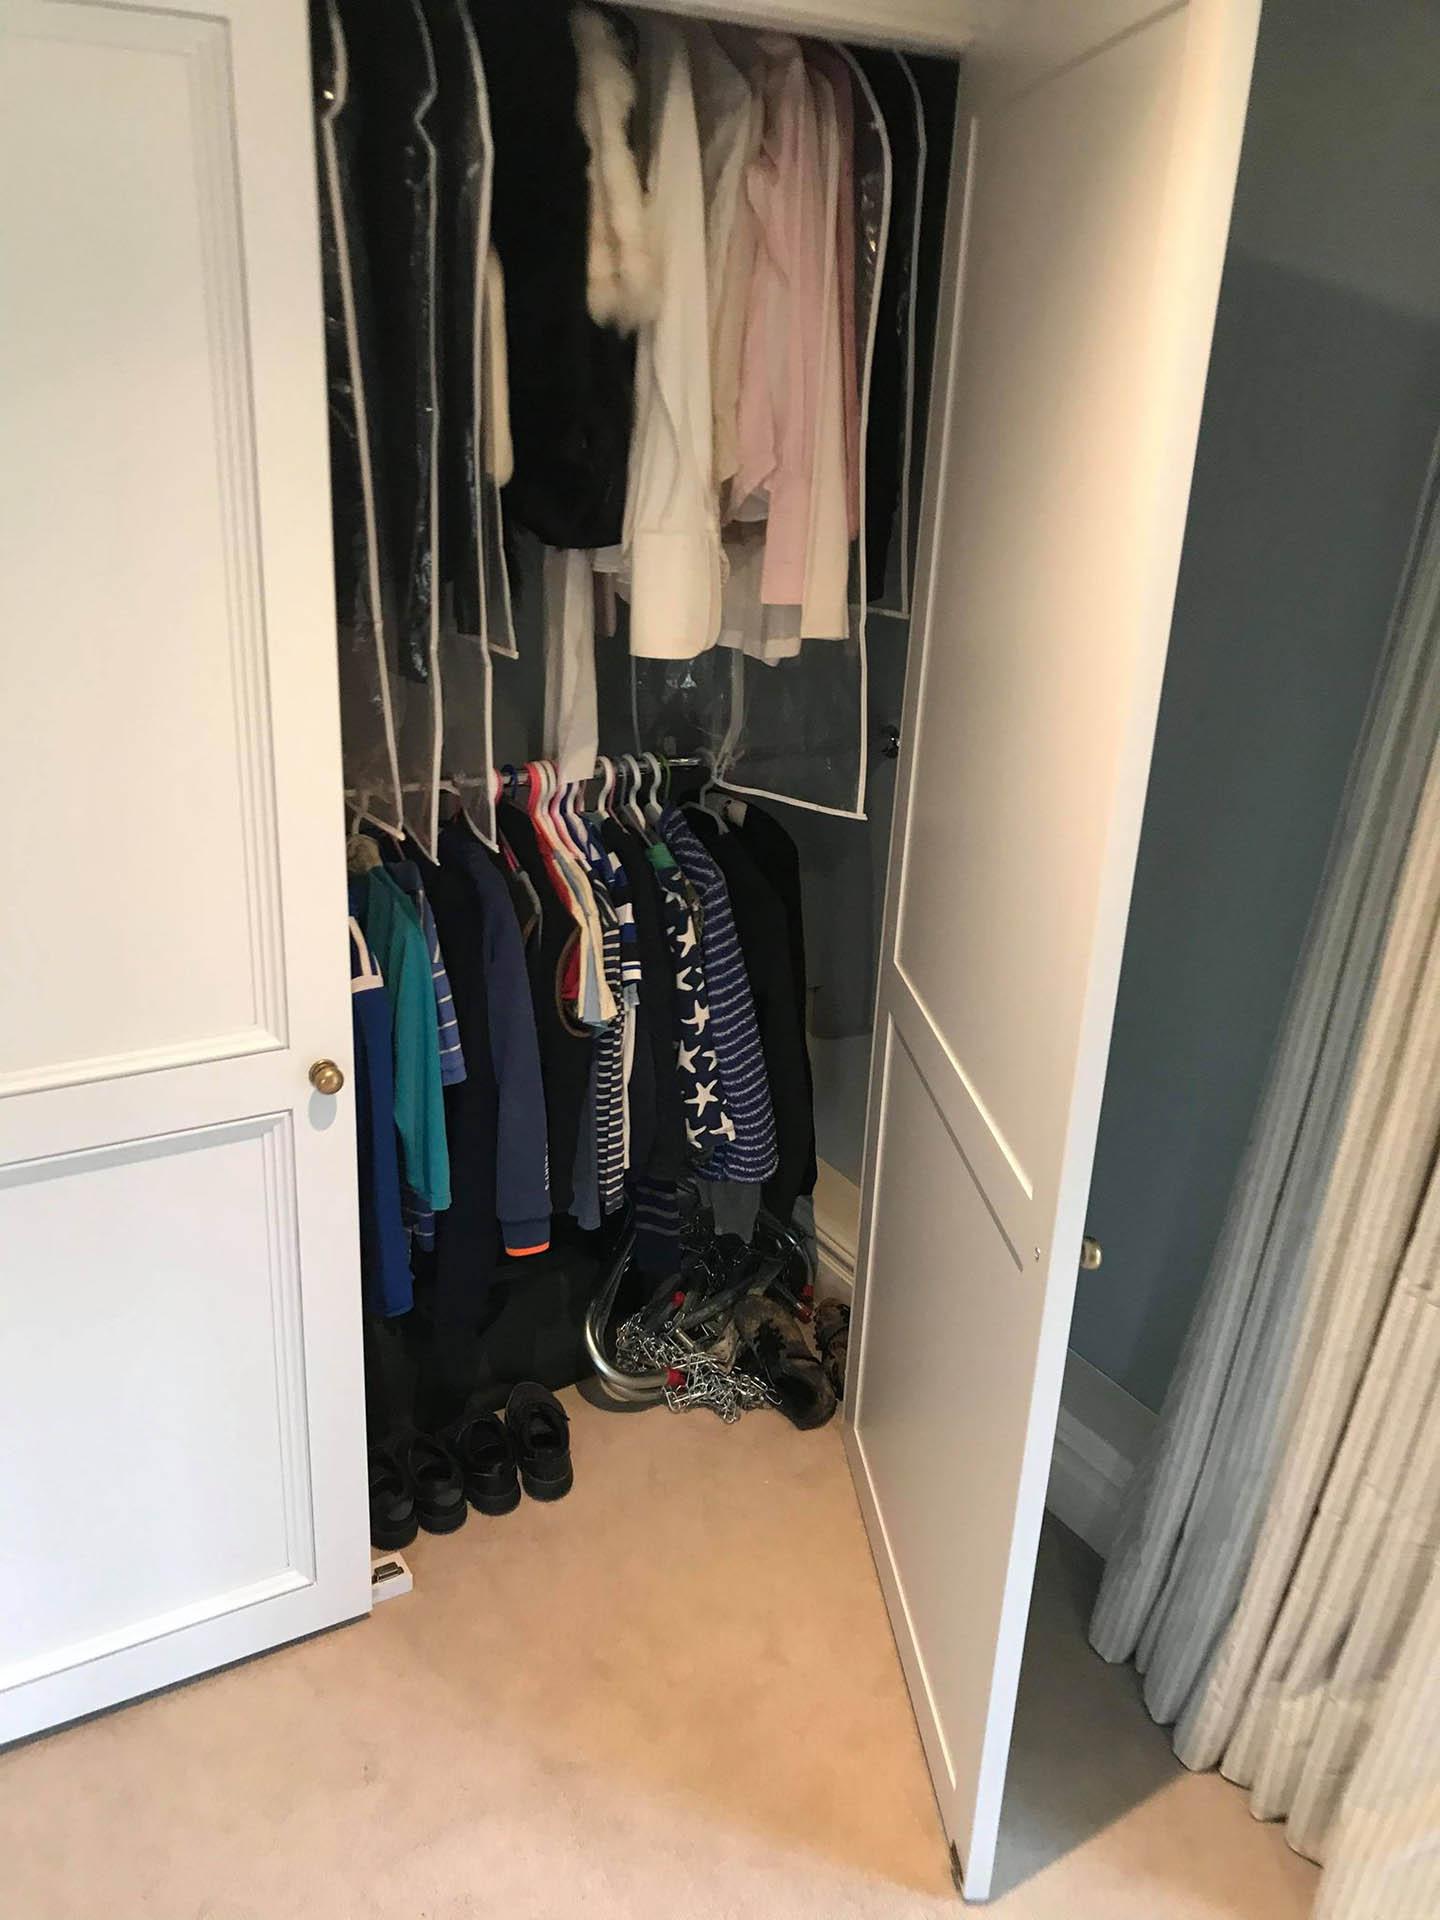 Bespoke bedroom wardrobe with the door open